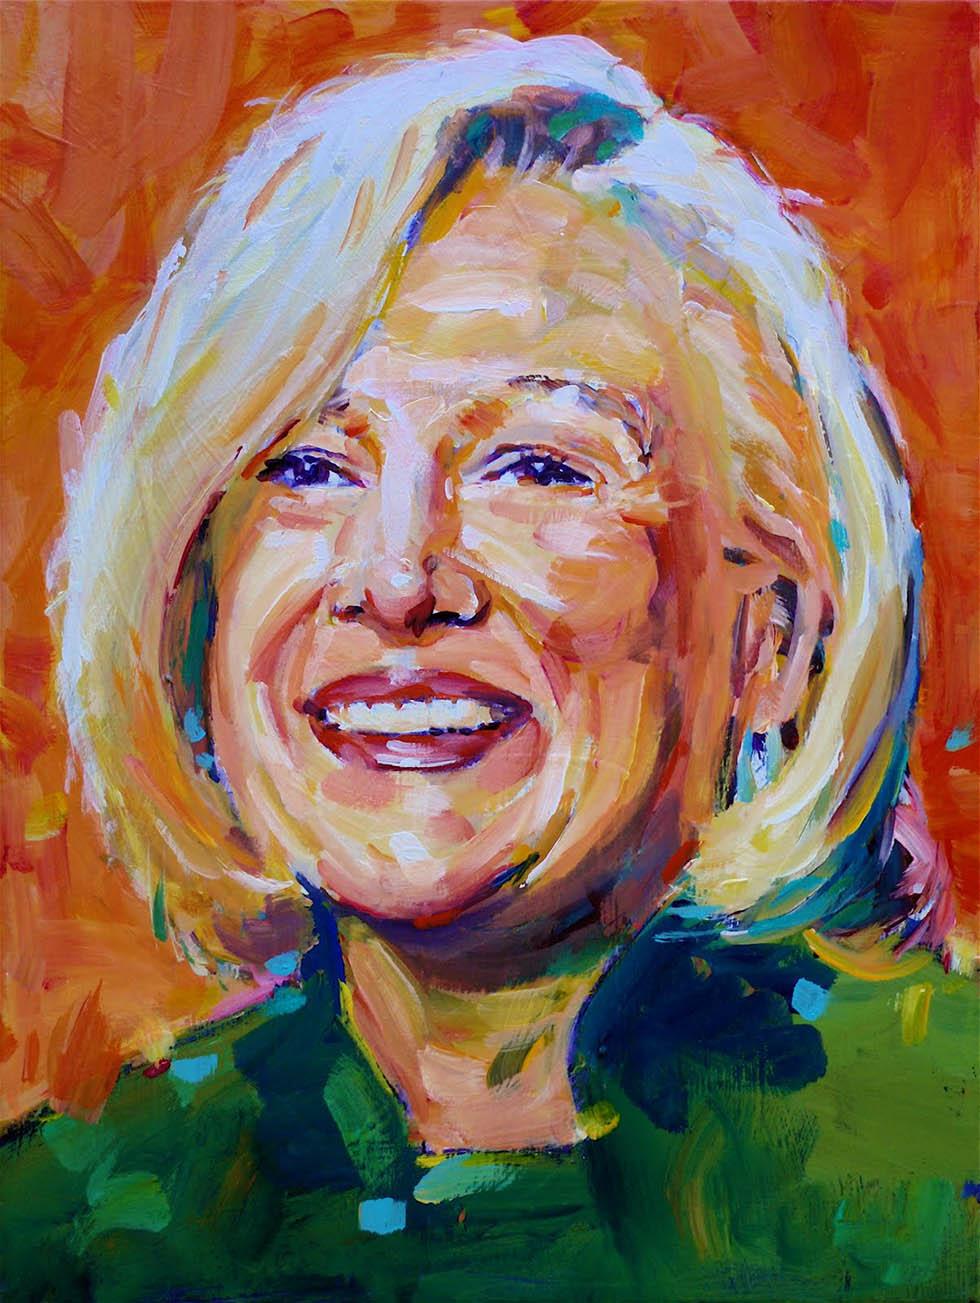 lady potrait paintings